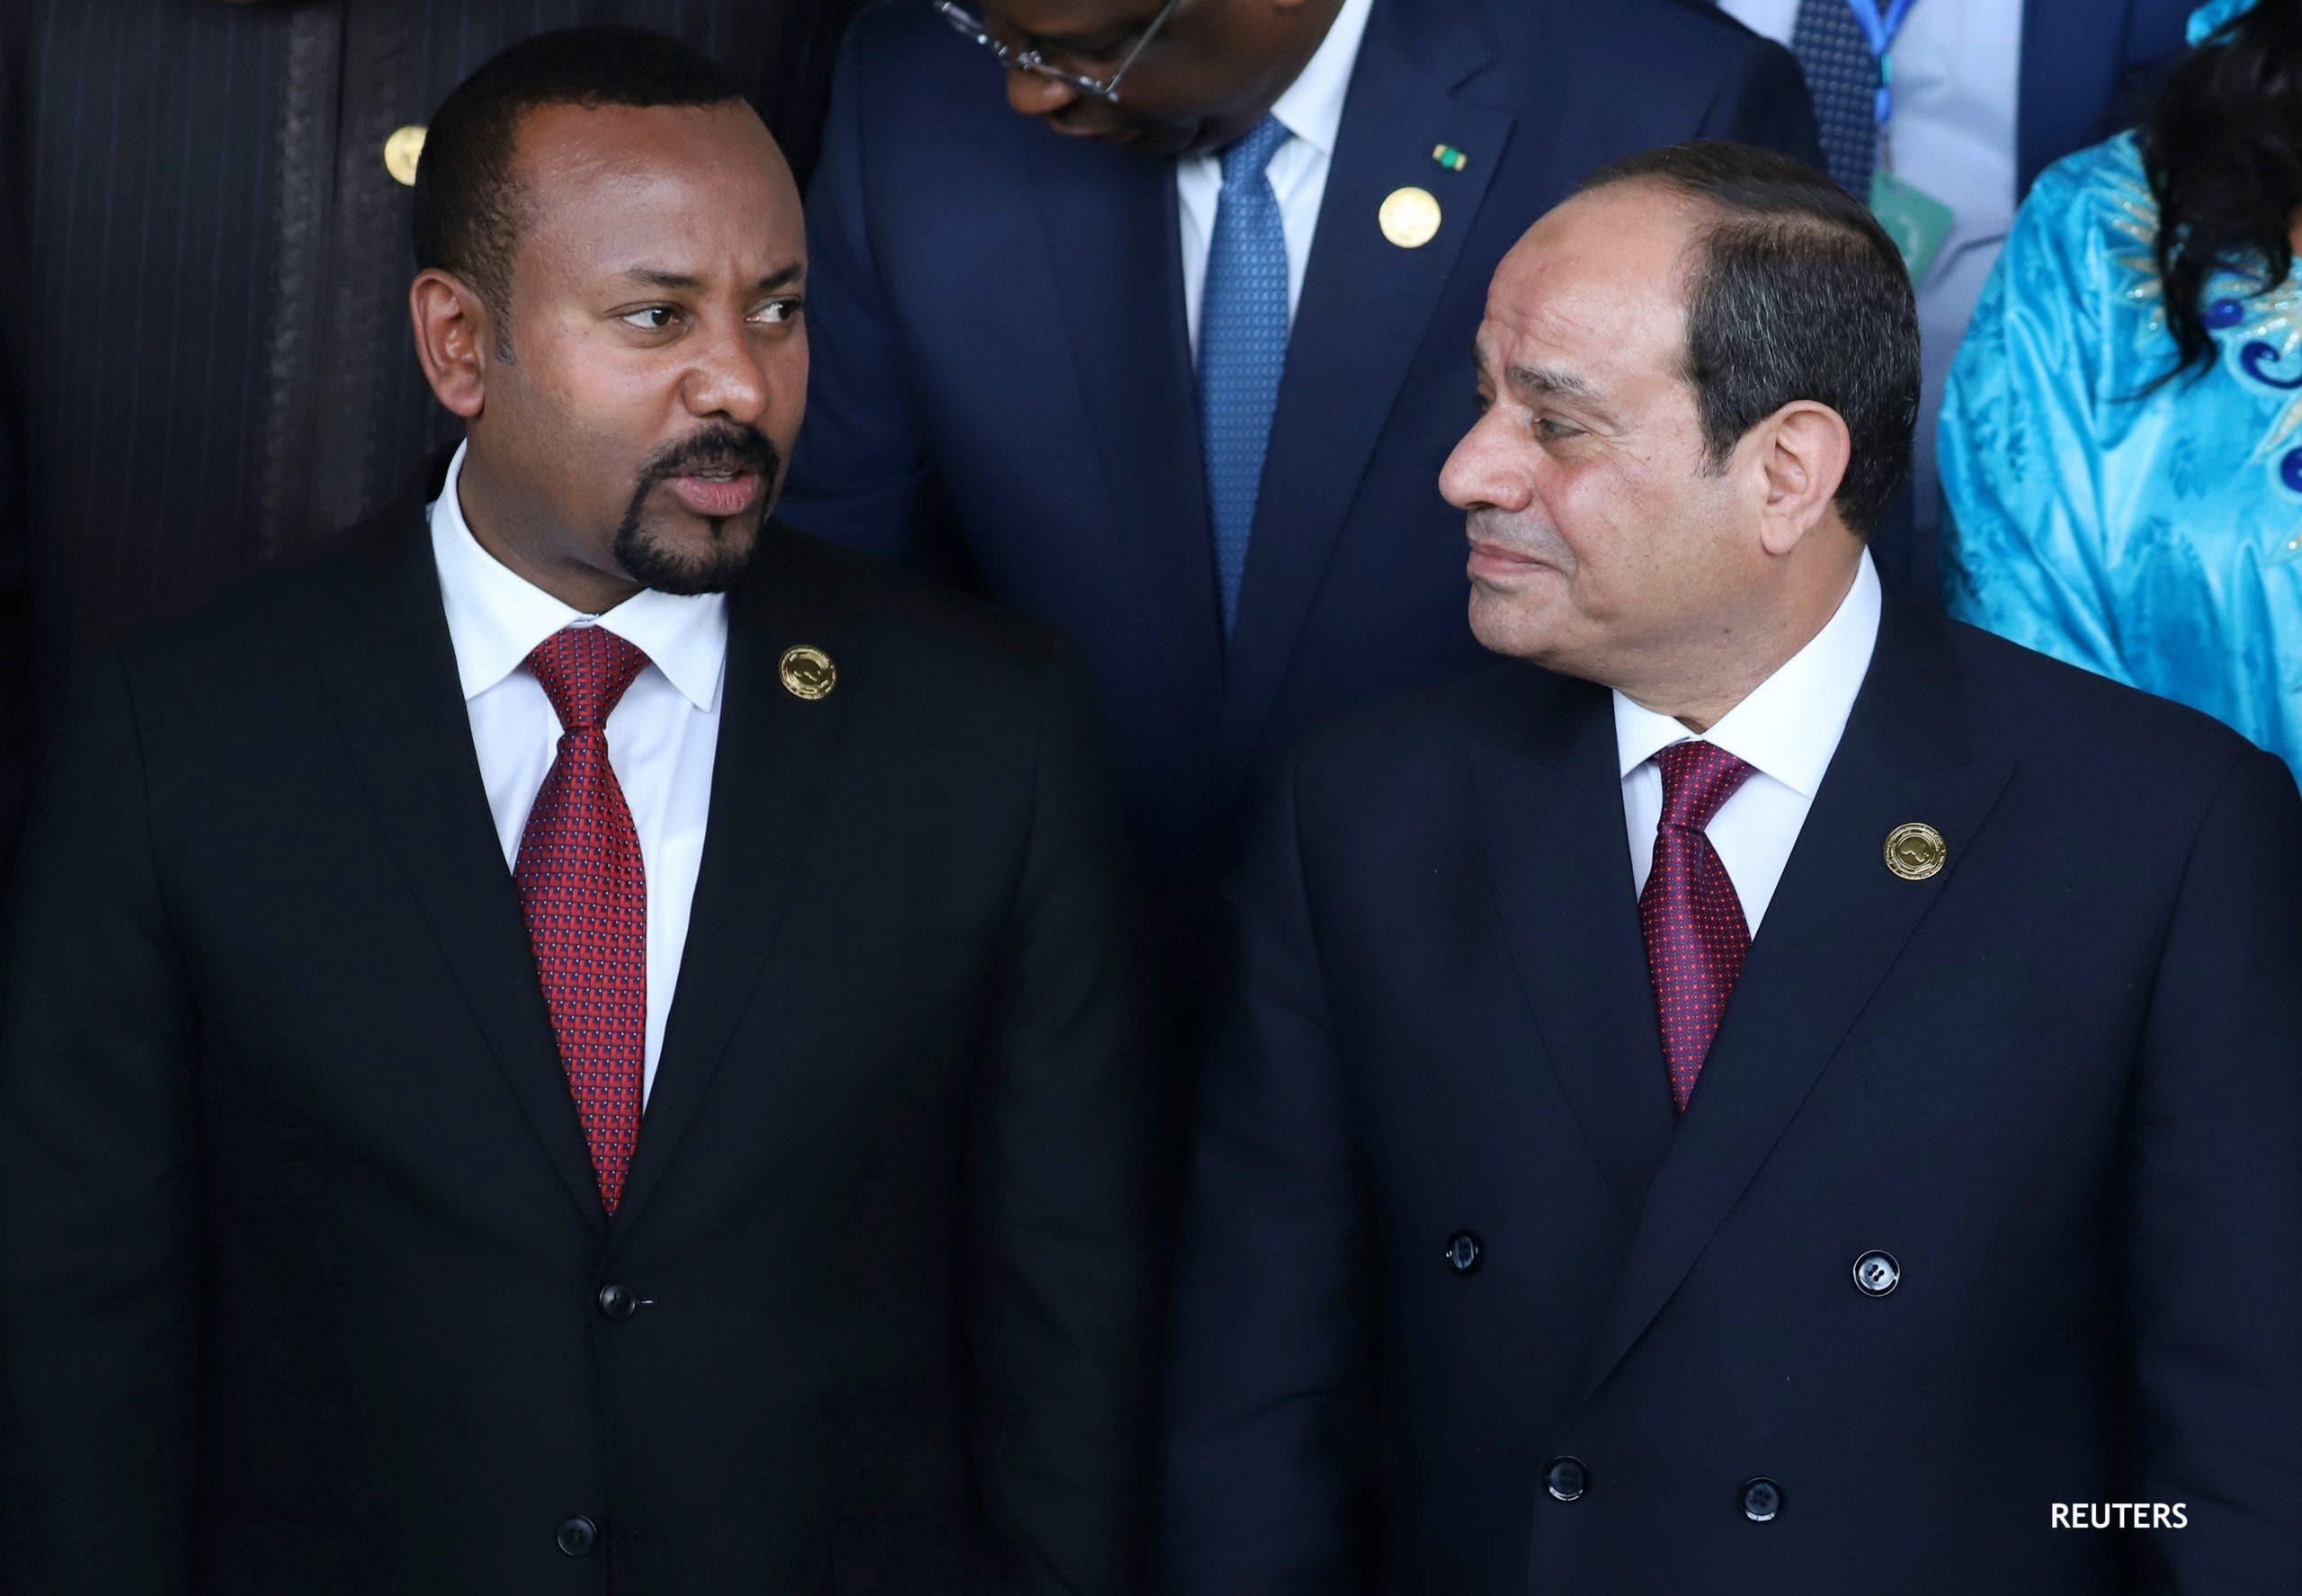 Masar iyo Ethiopia oo qaaday tallaabooyin cabsi leh oo ka daray xiisadda labada dal